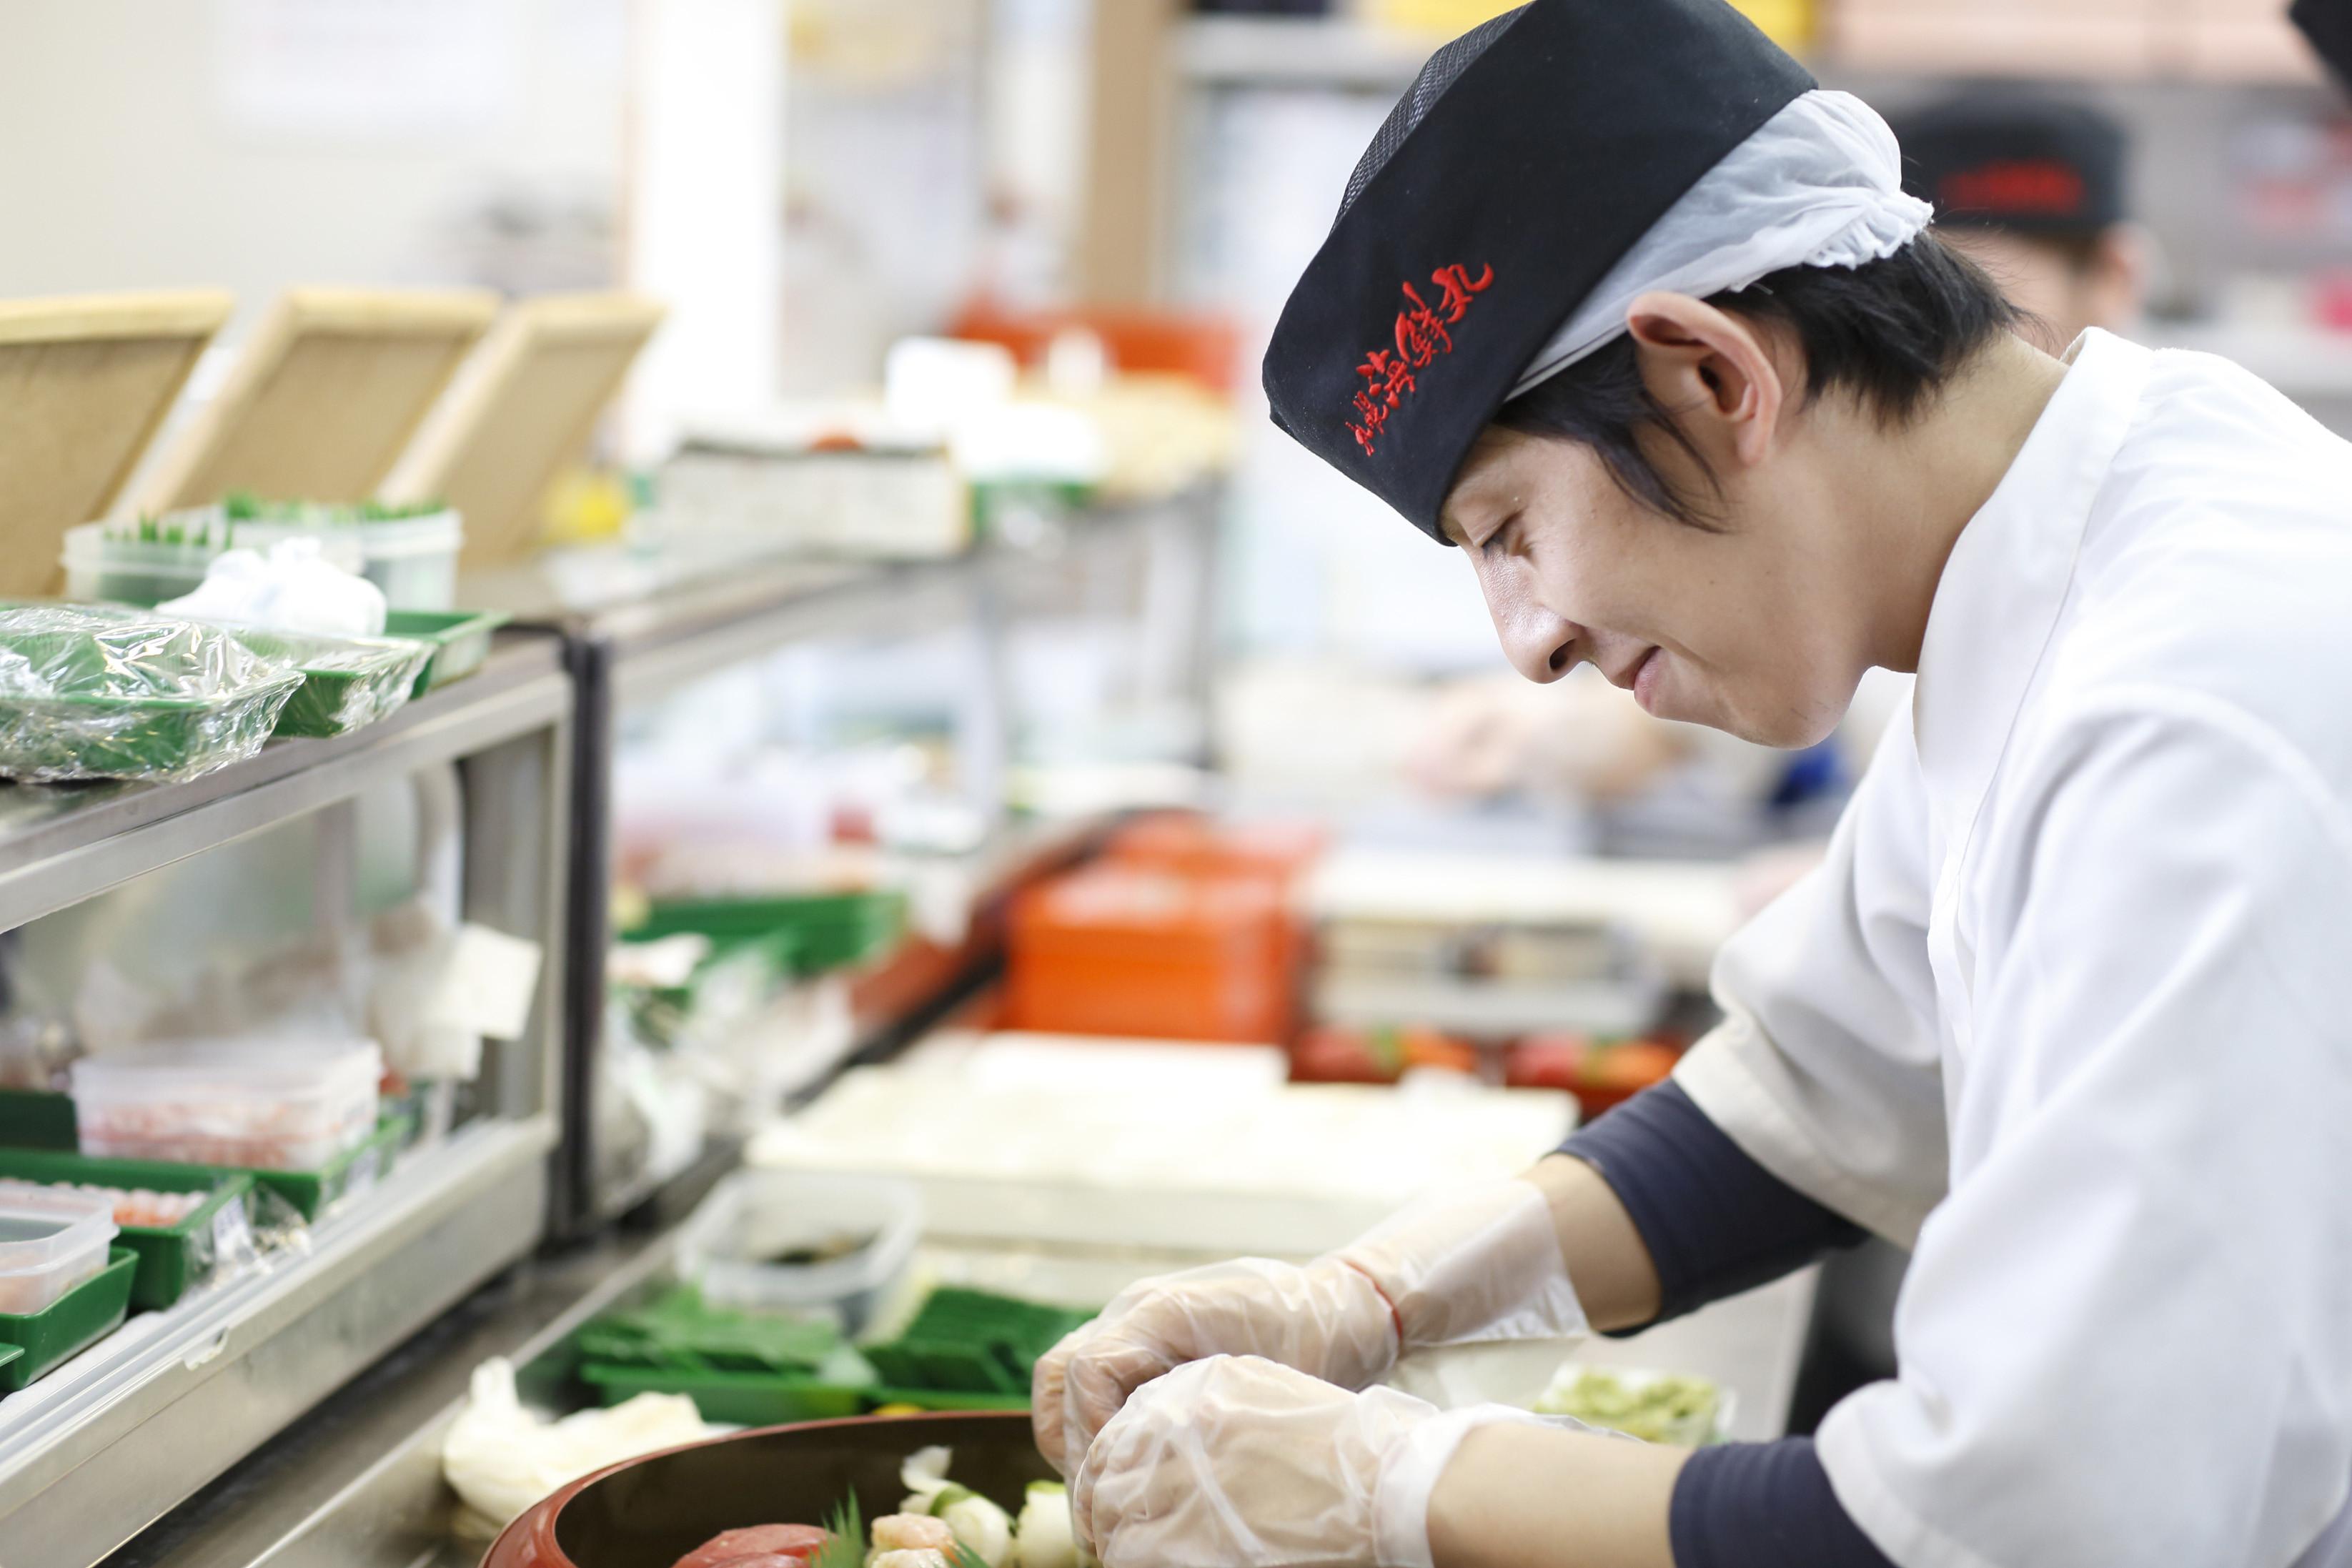 札幌海鮮丸 岩見沢店 キッチンスタッフのアルバイト情報